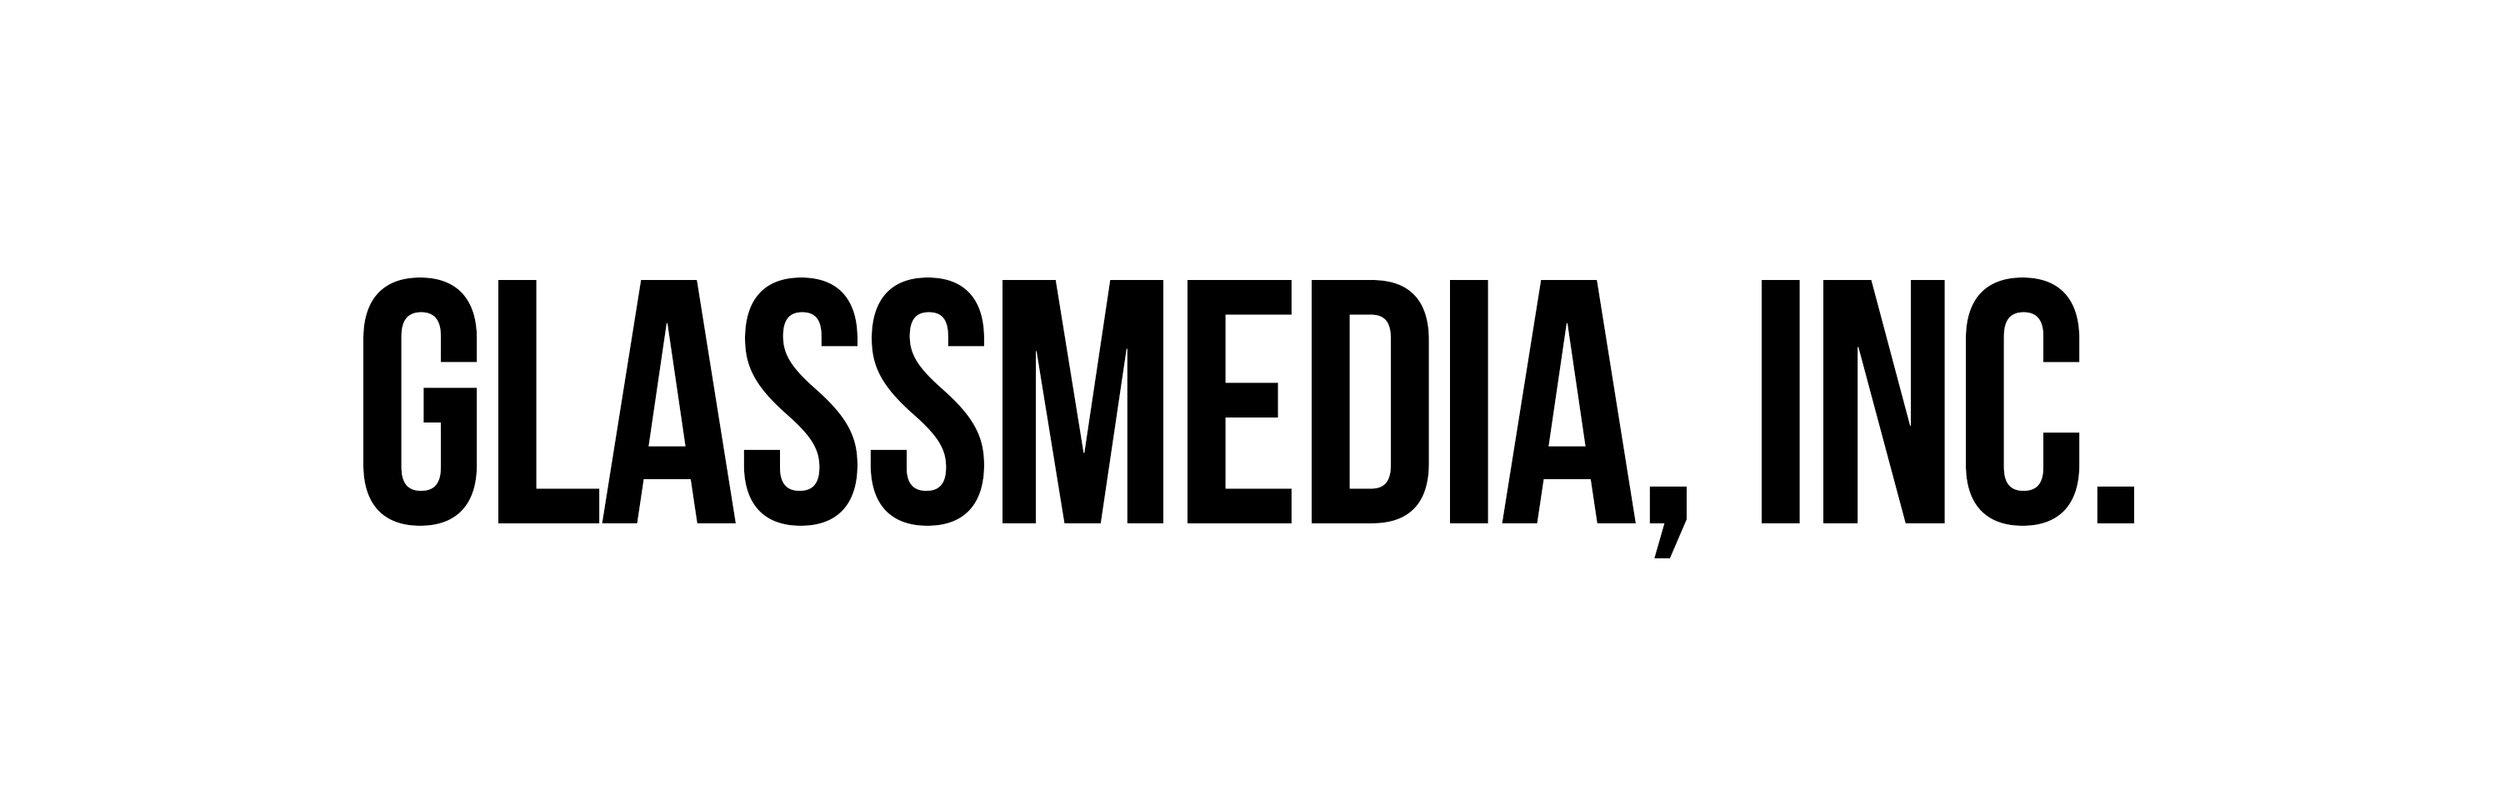 glassmedia.jpg